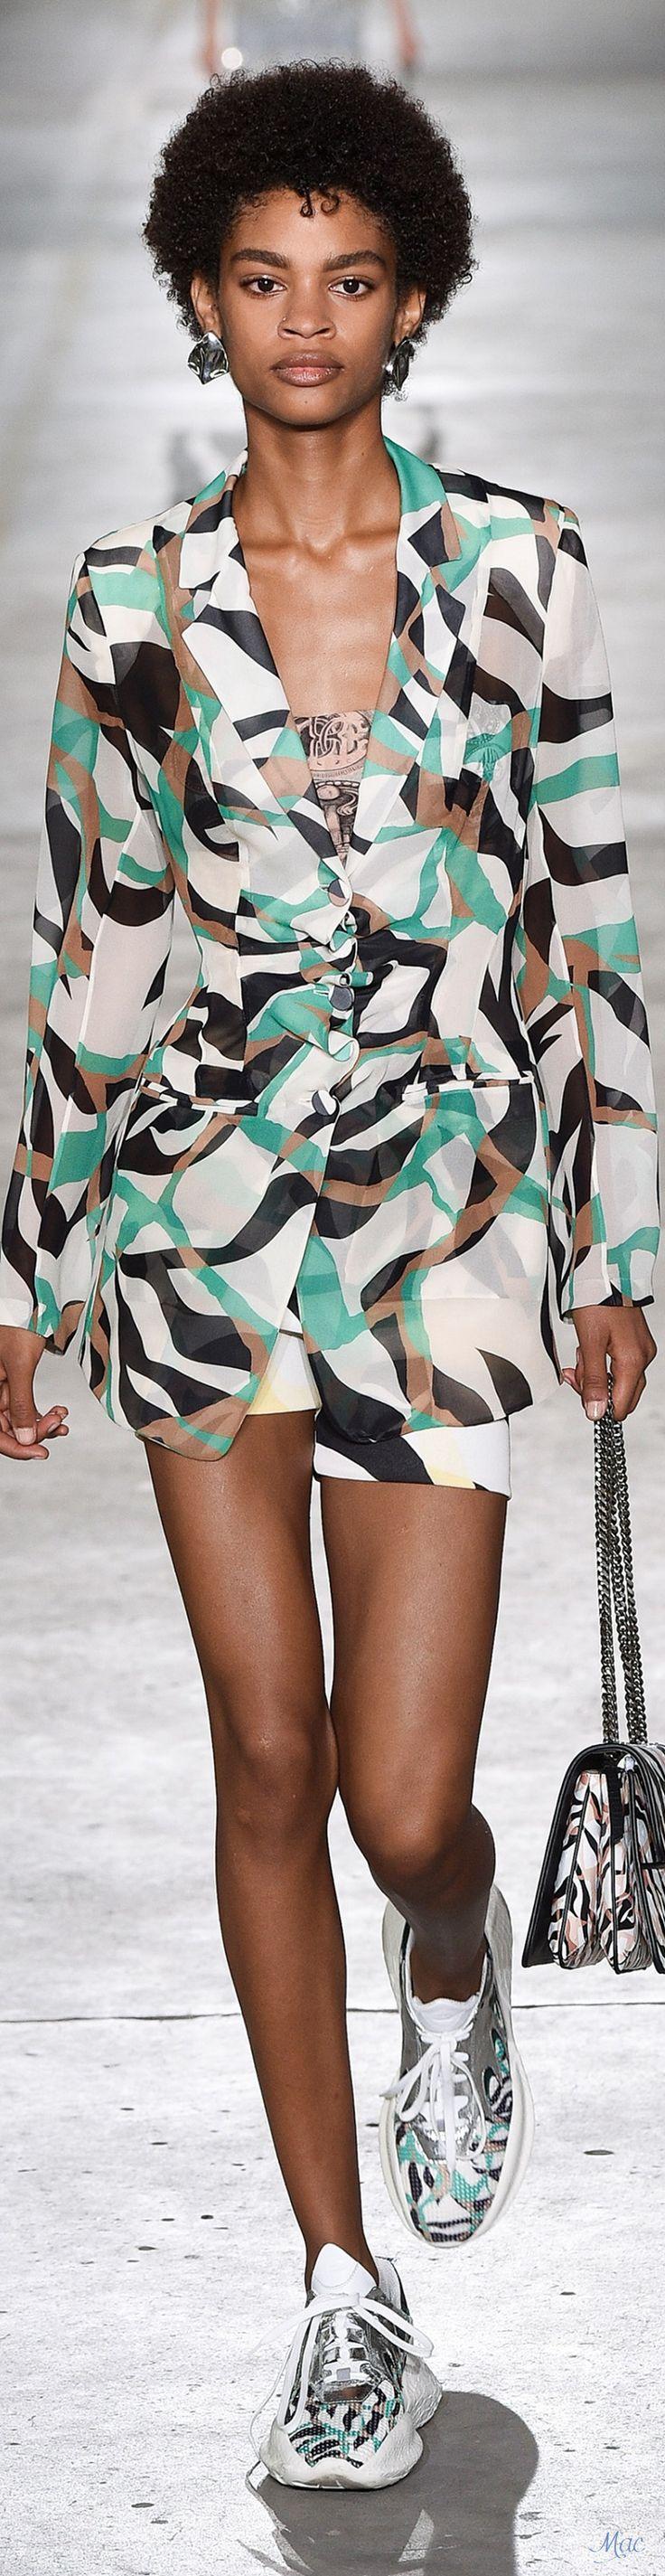 713ca25dff9825919e337b9b71a6a875 Roberto Cavalli Couture  : Printemps 2019 RTW Roberto Cavalli